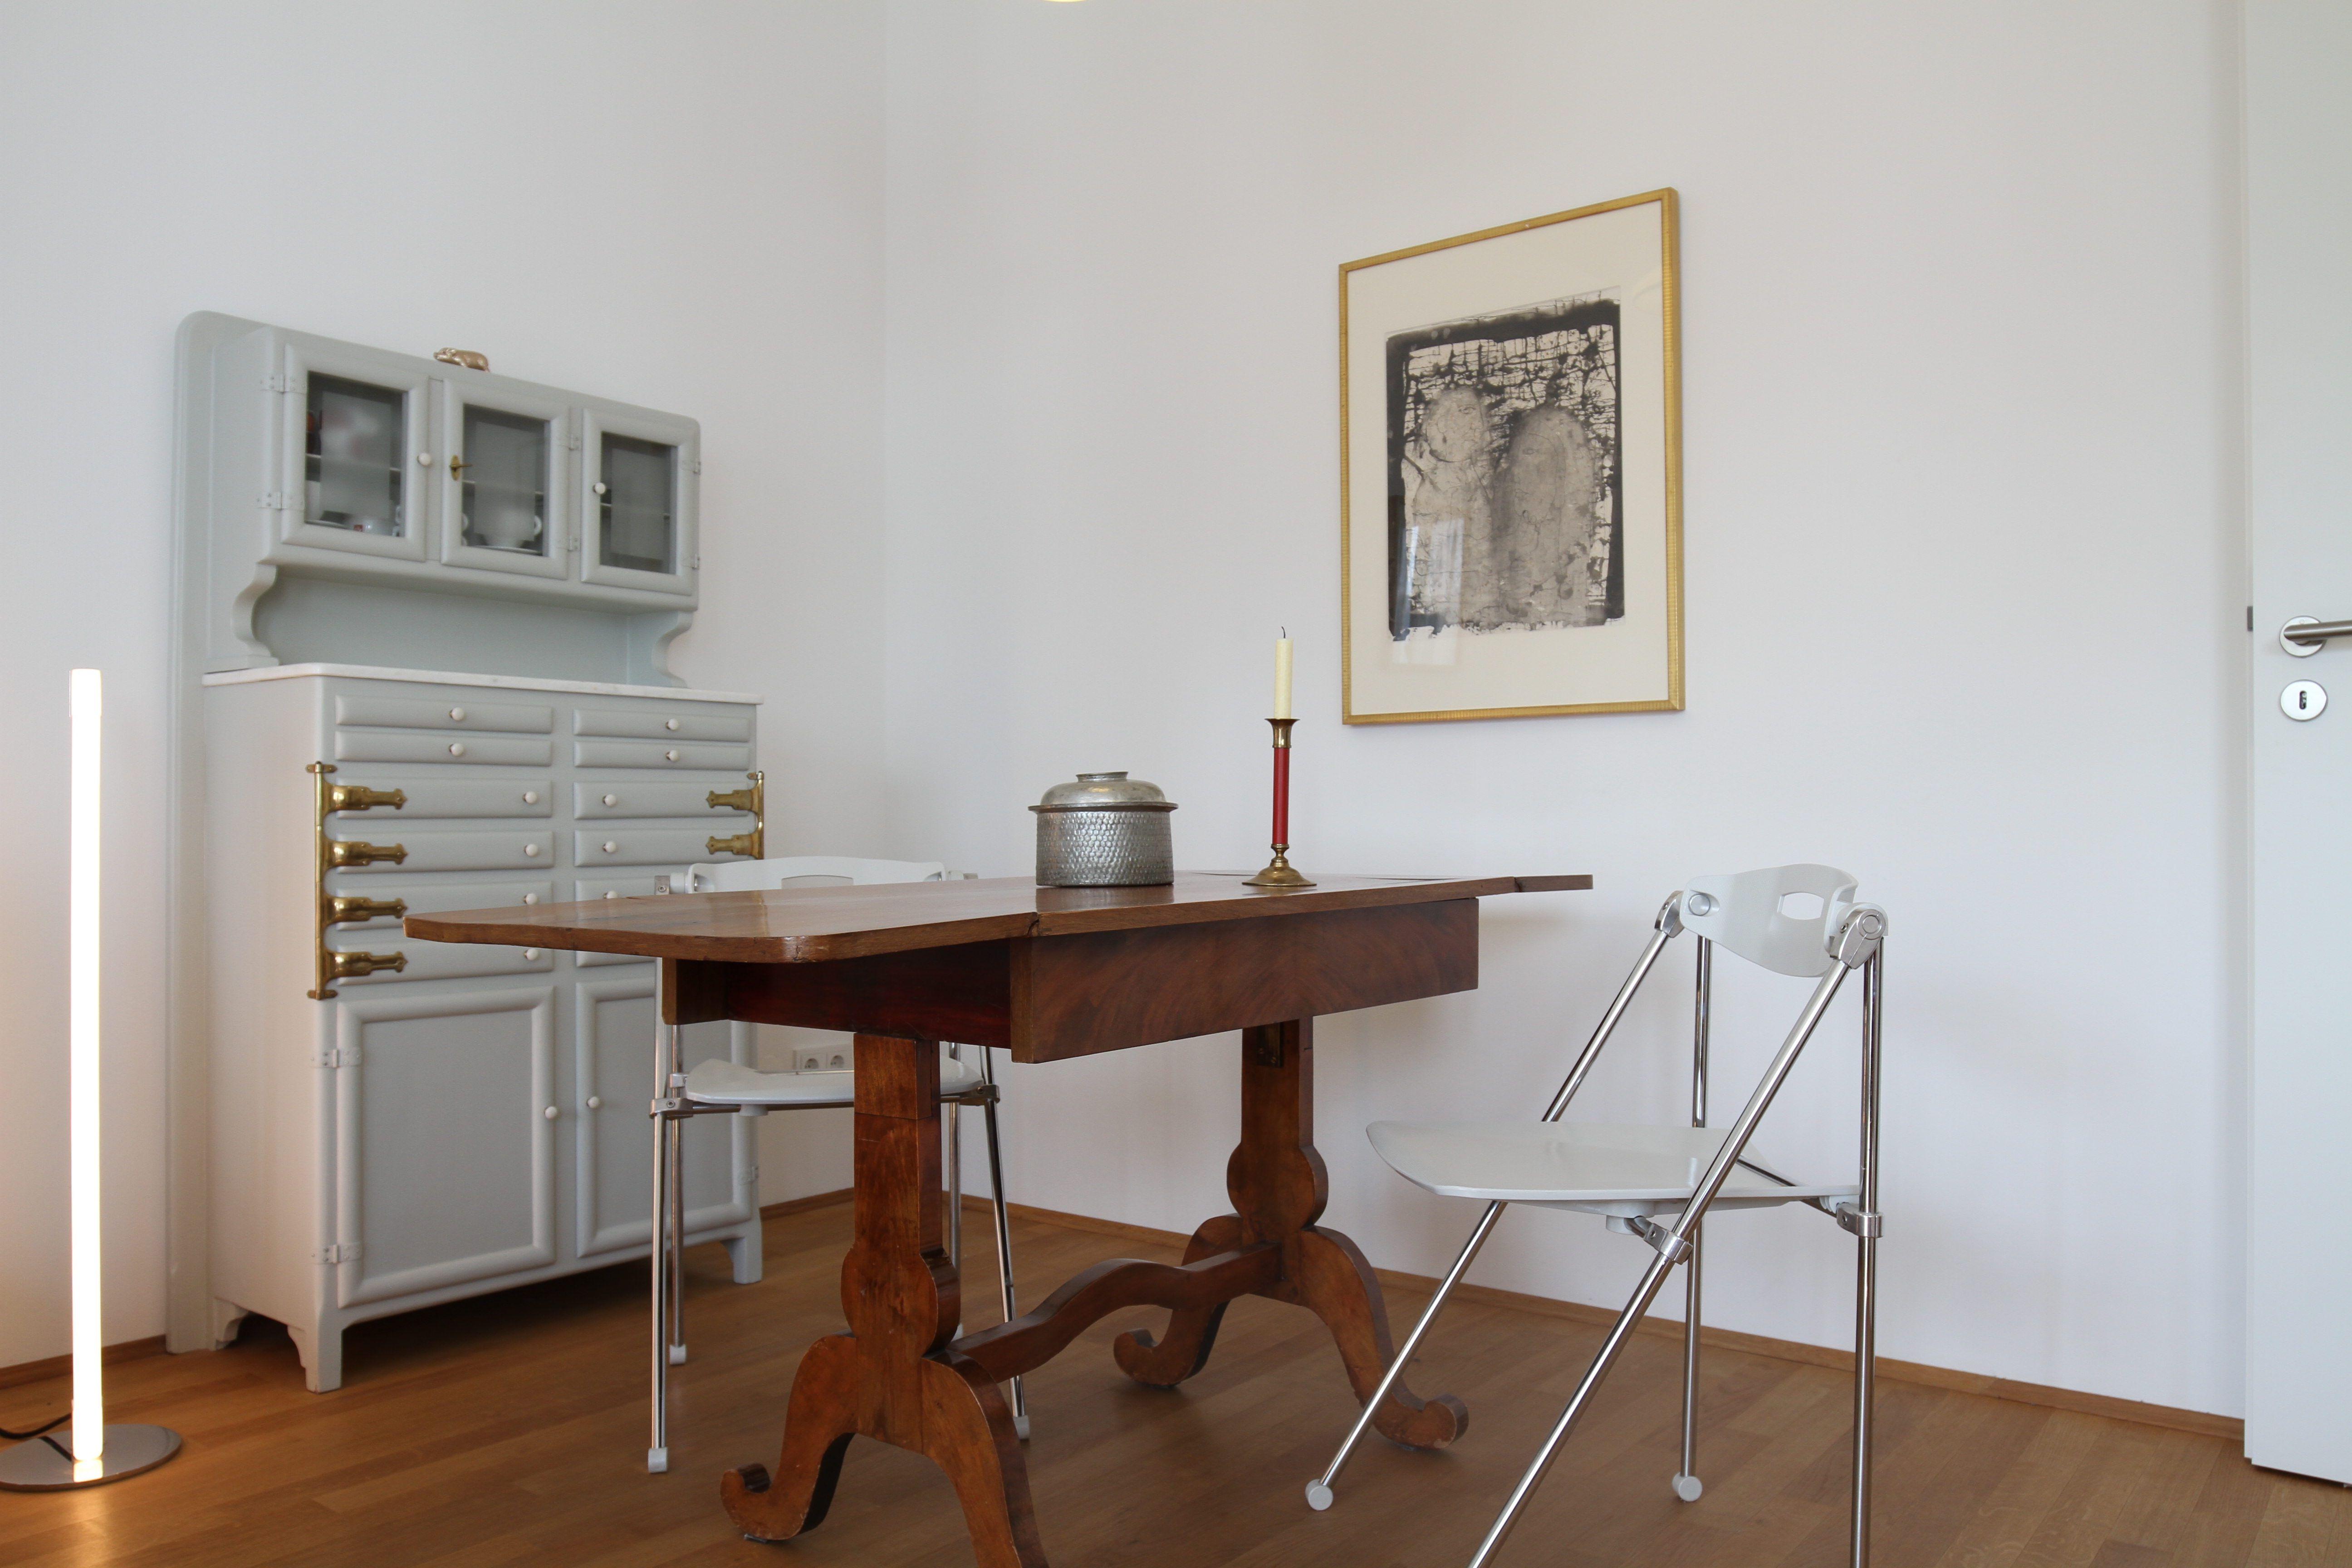 Pin Von Villarohome Living Auf Esszimmer Mit Bildern Moblierte Wohnung Wohnung Zimmer